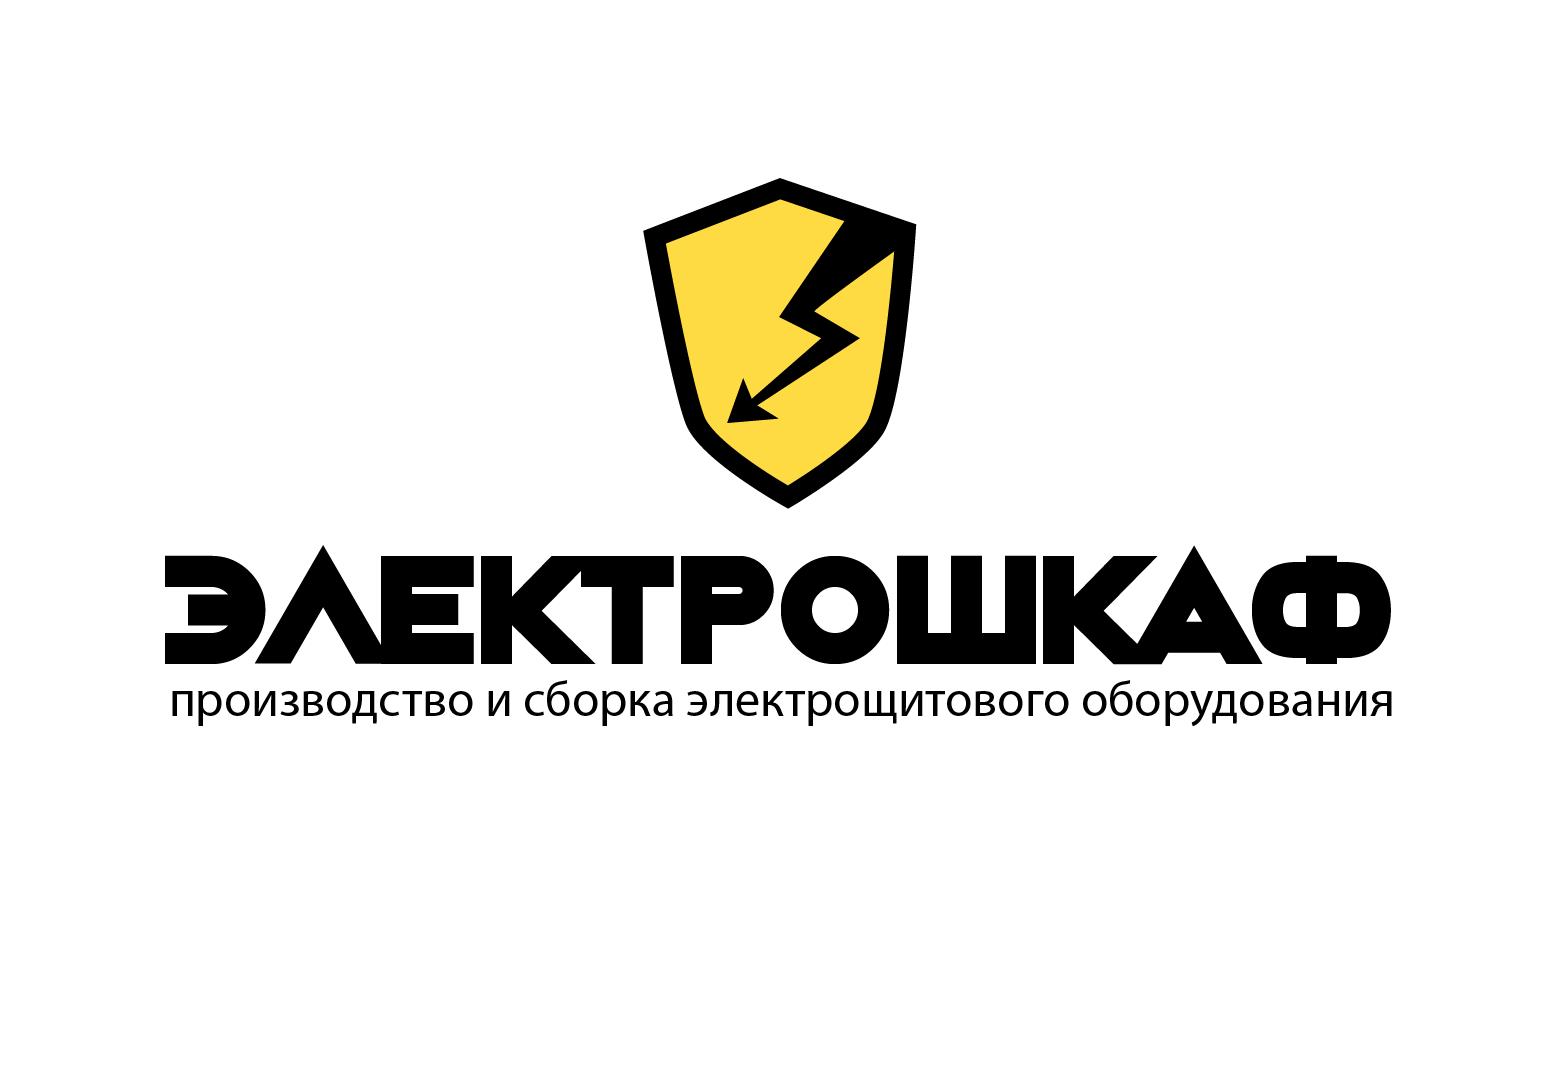 Разработать логотип для завода по производству электрощитов фото f_5455b71c753a026d.png